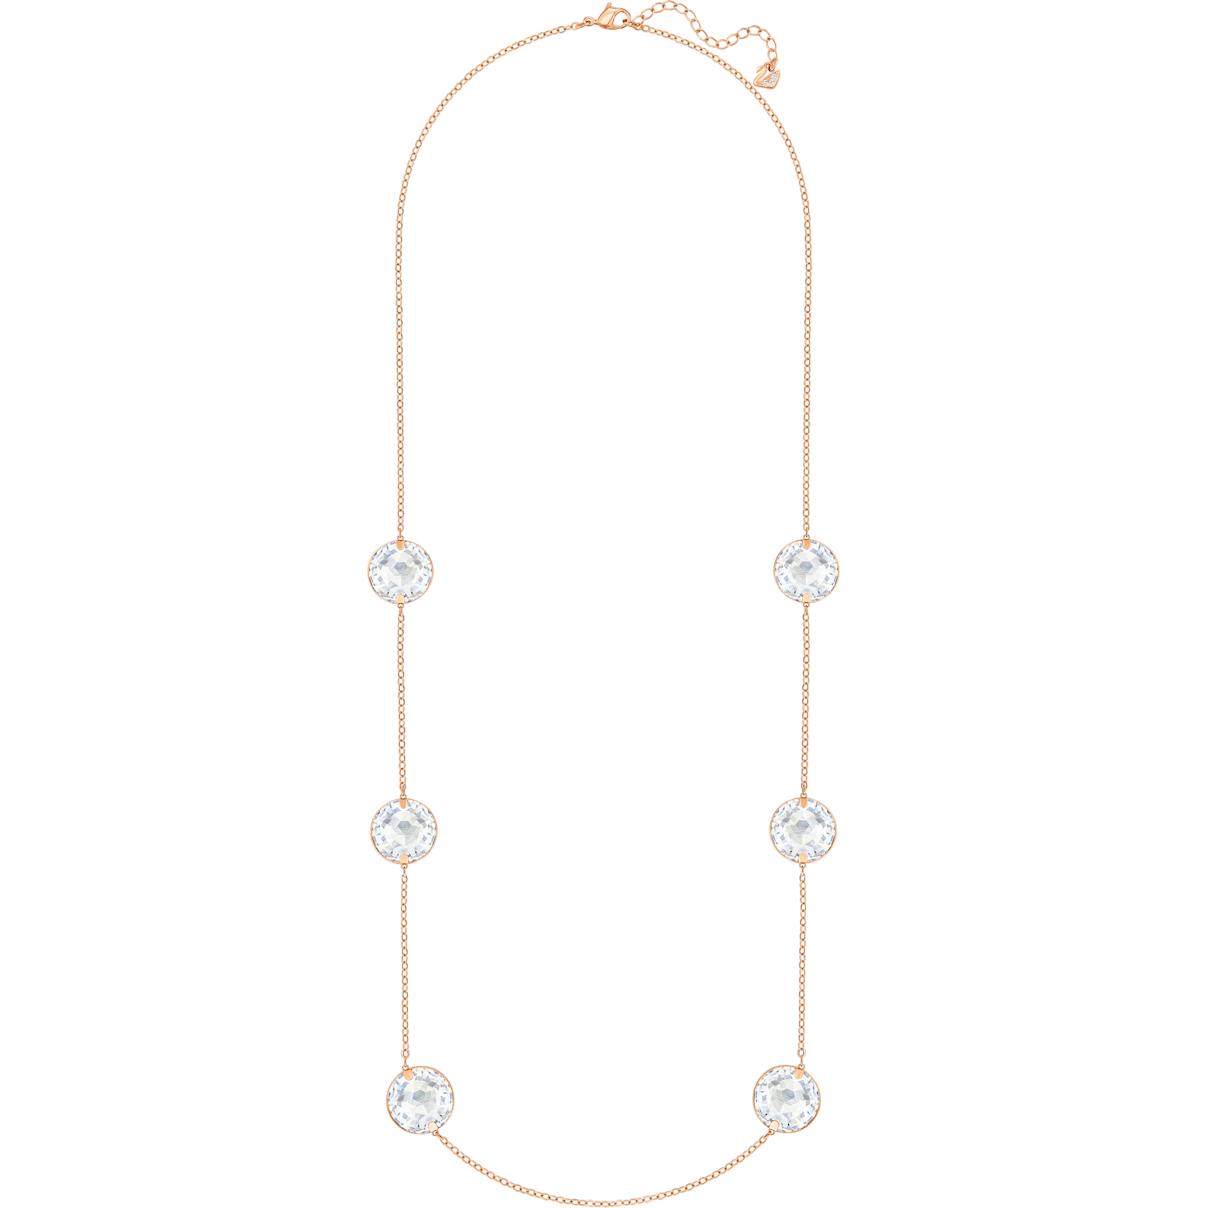 Swarovski Globe Strandage, White, Rhodium plating